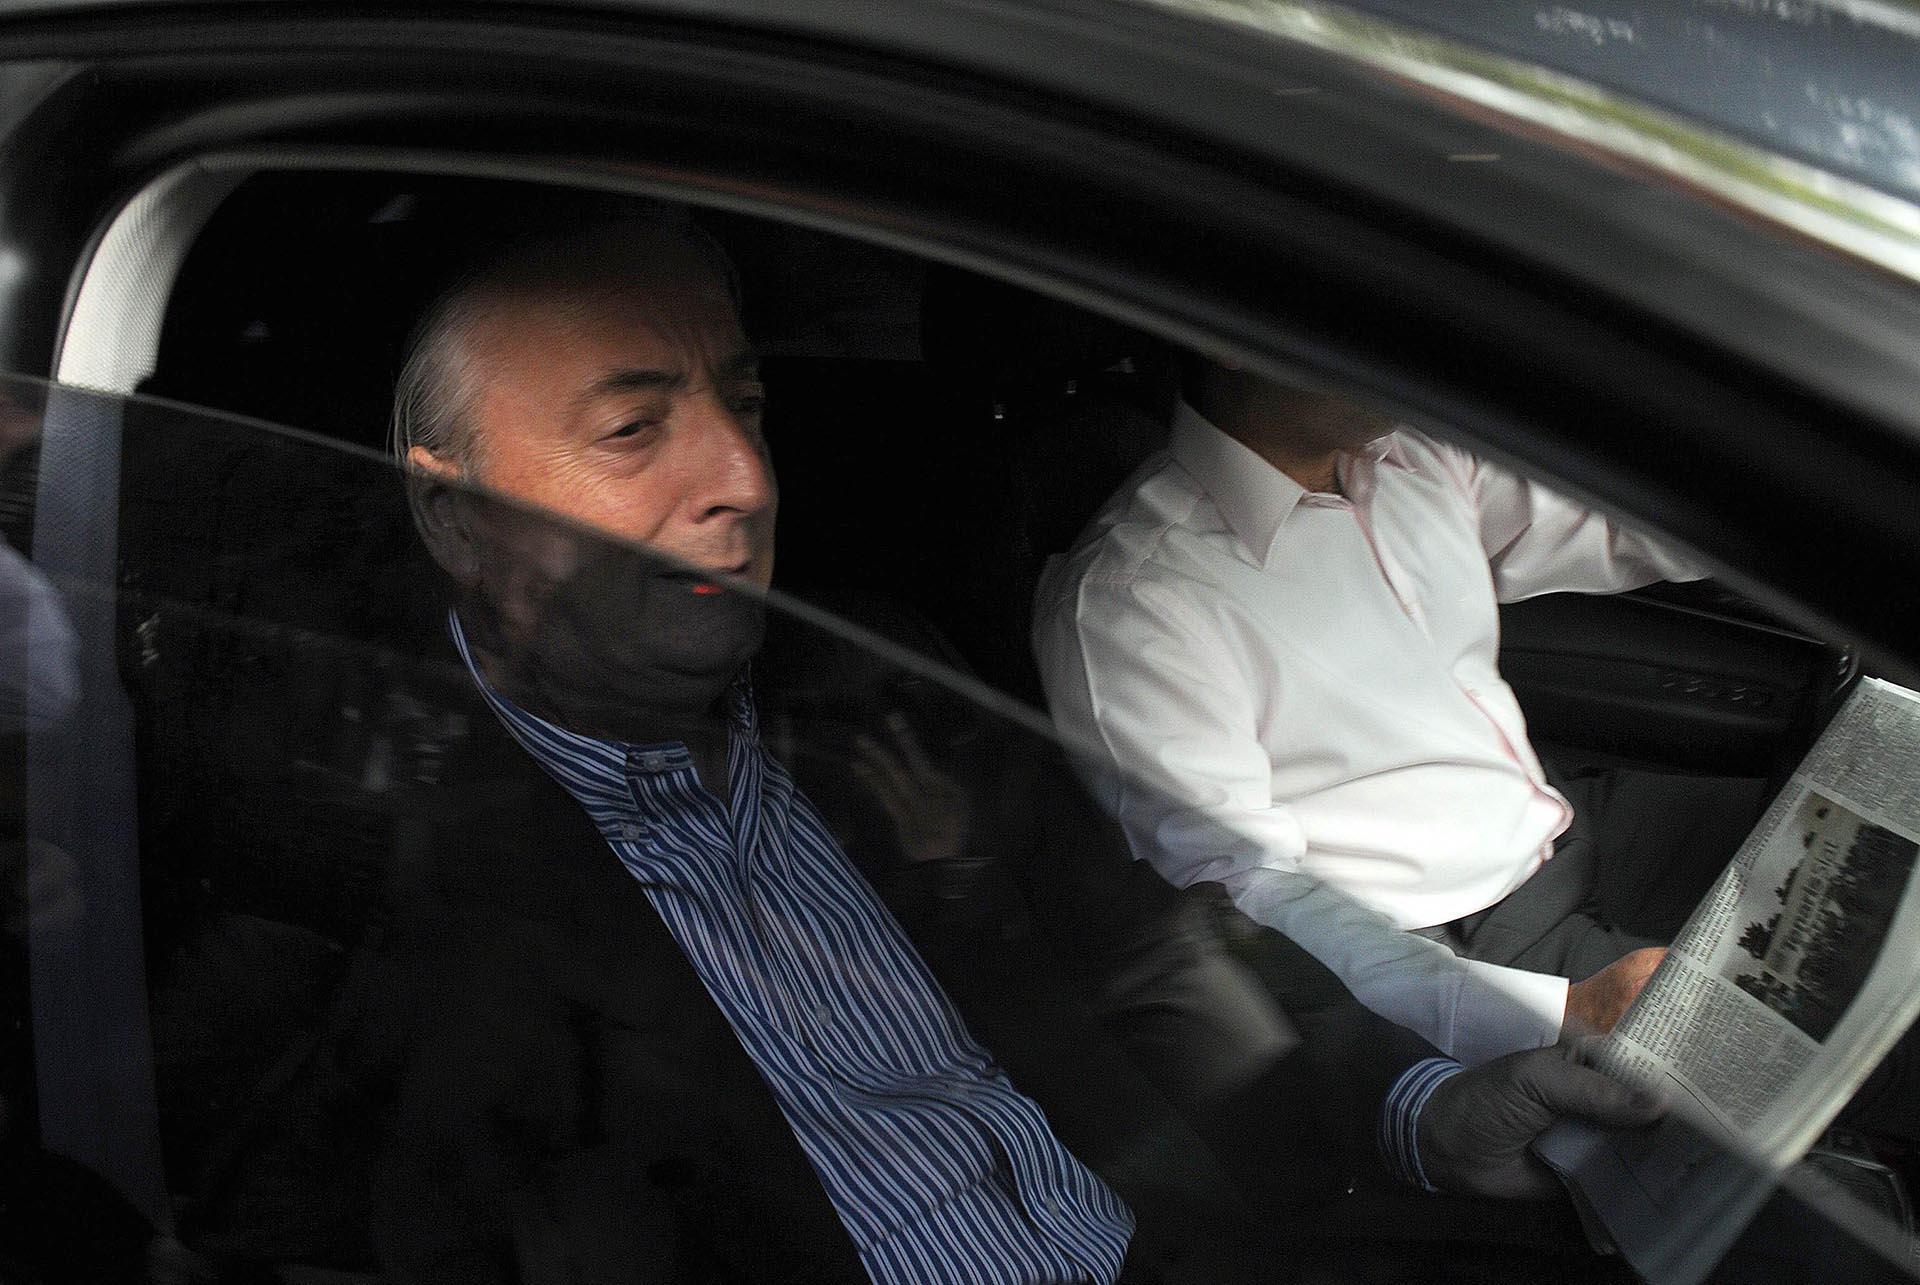 El ex presidente Néstor Kirchner deja una clínica privada en Buenos Aires, el 10 de febrero de 2010, luego de someterse a una cirugía de emergencia de la arteria carótida para prevenir un derrame cerebral